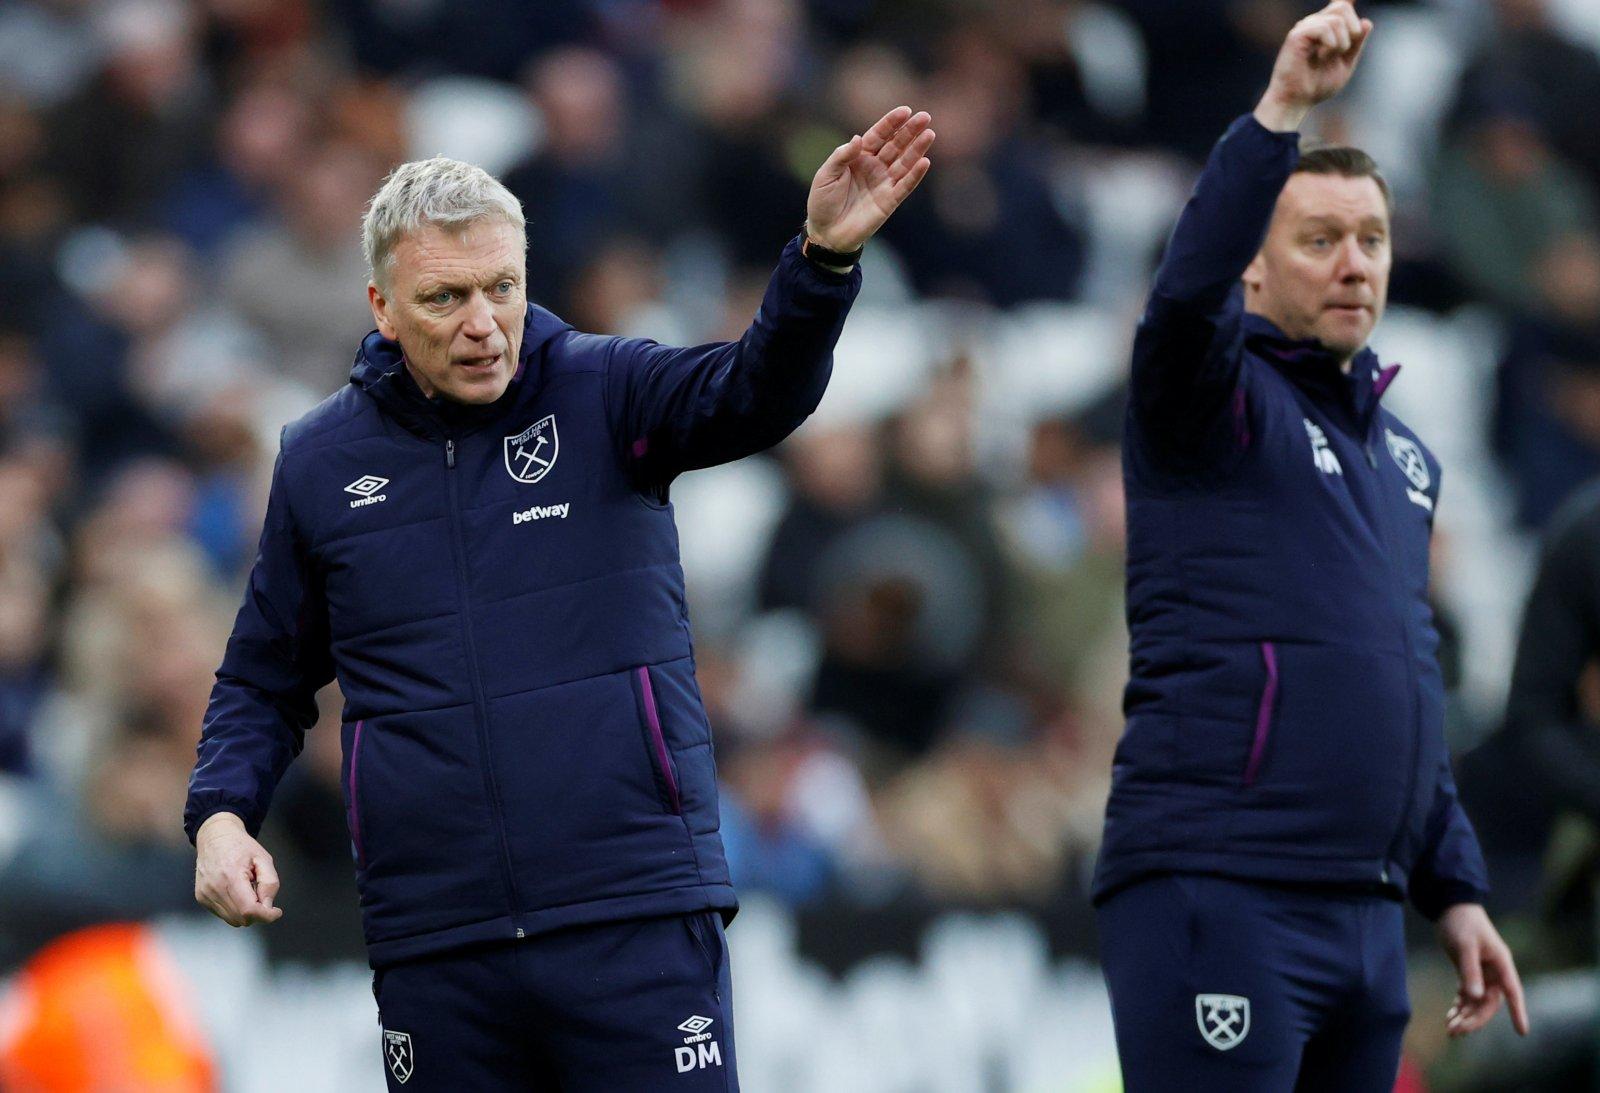 Image for West Ham fans on social media think Kevin Nolan deserves credit for impact